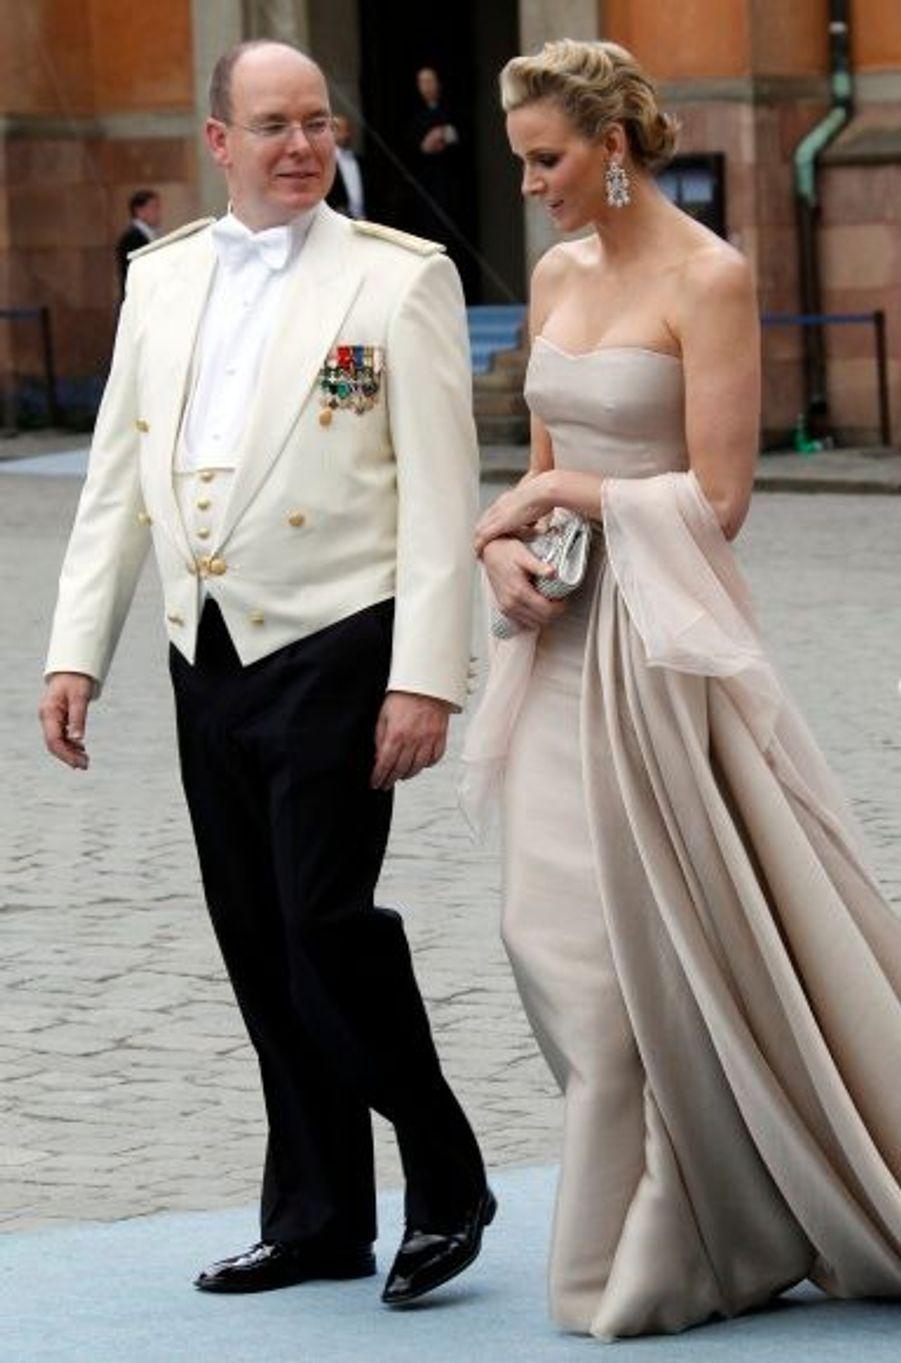 Pour le mariage princier, elle s'était drapée dans une robe bustier en crêpe de soie crème, agrémentée d'une étole rose pâle. Les cristaux de la minaudière et des bijoux, en harmonie avec le chignon cranté, conféraient du glamour à cette tenue simple.